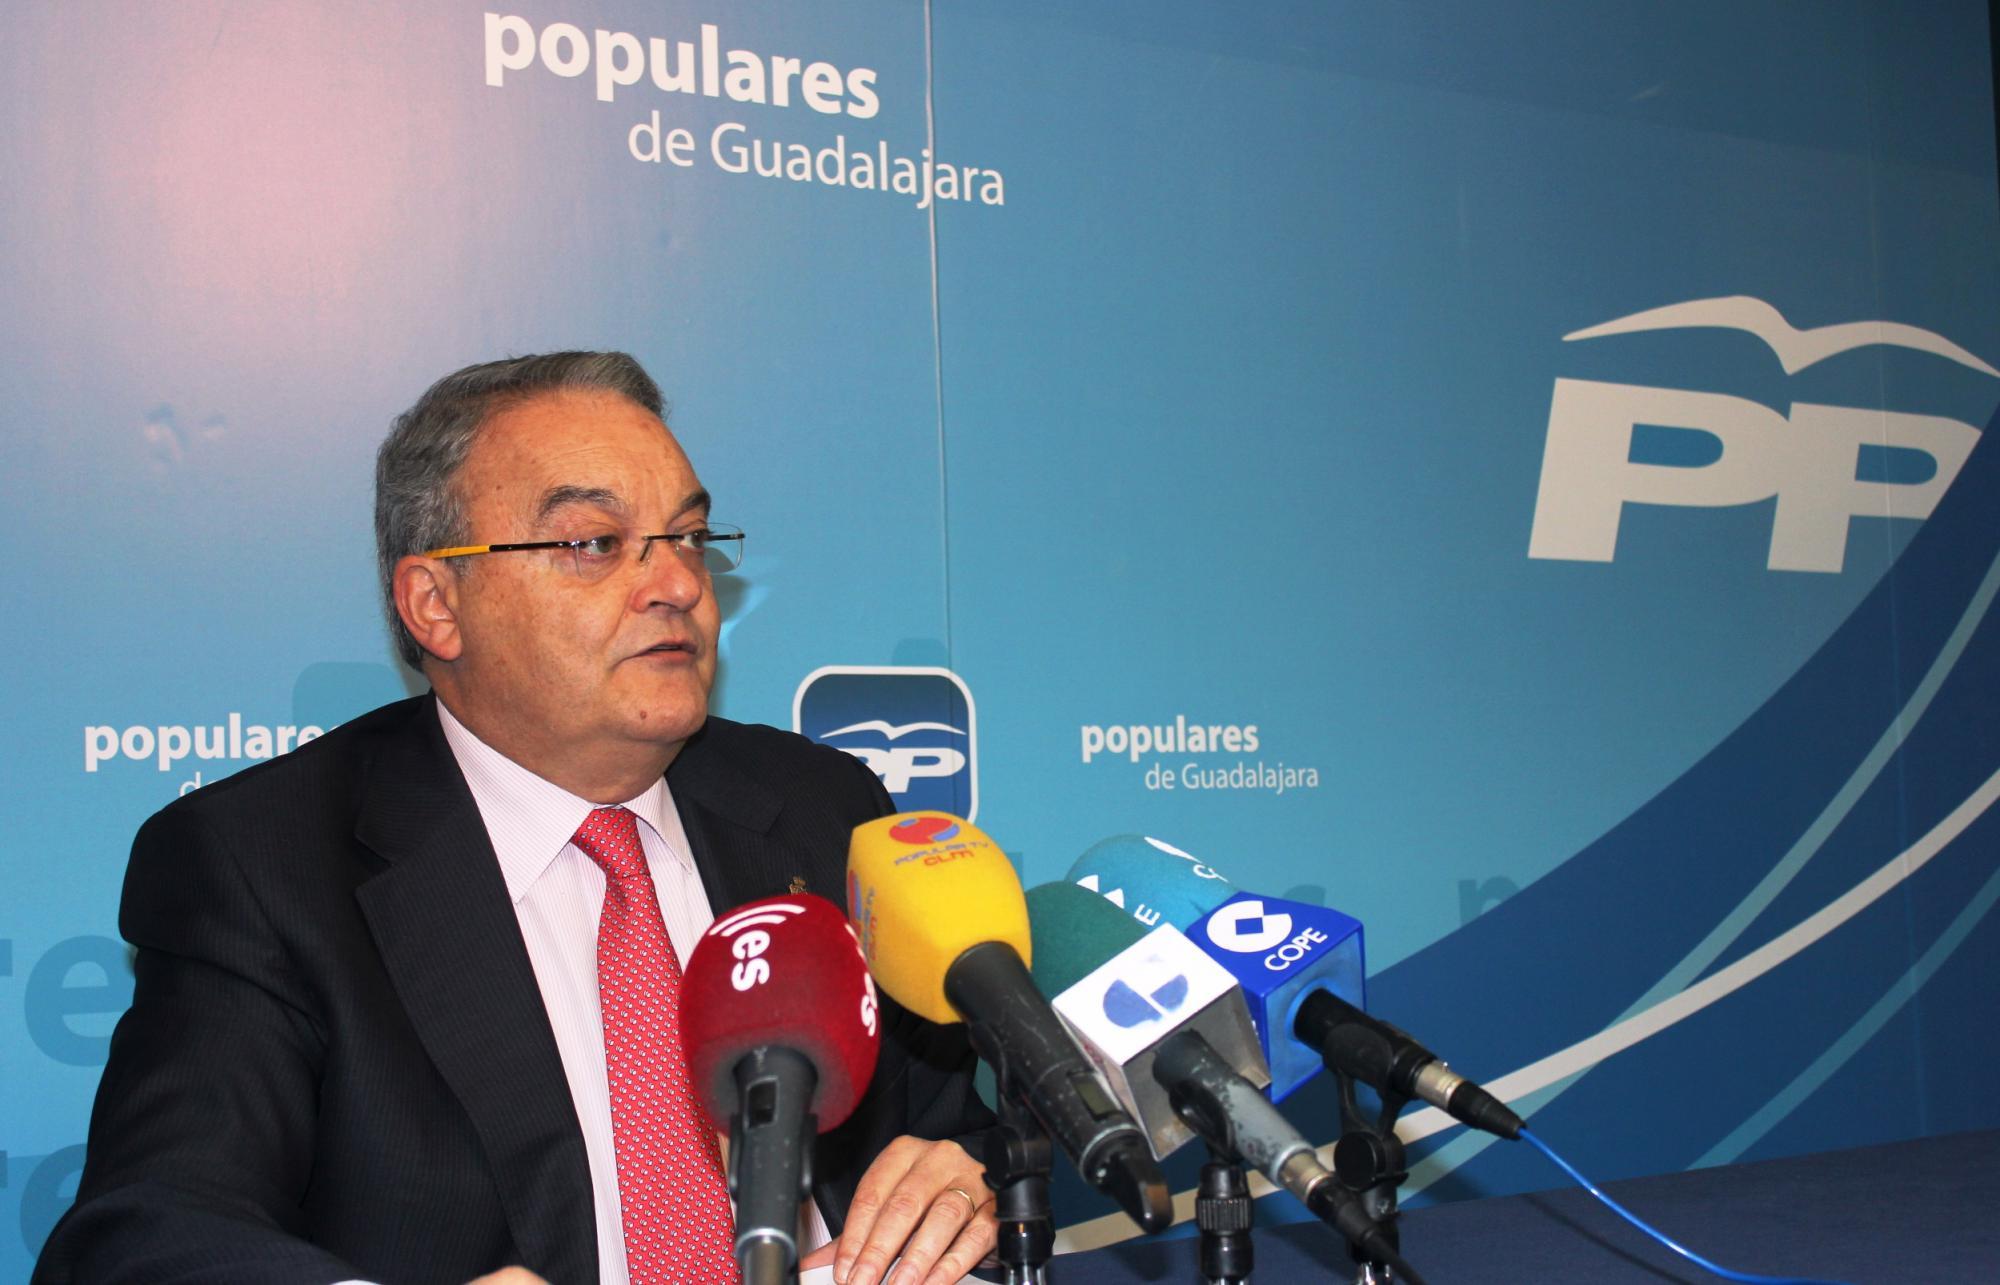 """Juan Antonio de las Heras: """"El Gobierno del PP ha presentado la reforma más ambiciosa en la historia de la Democracia en España por la regeneración y el buen gobierno"""""""